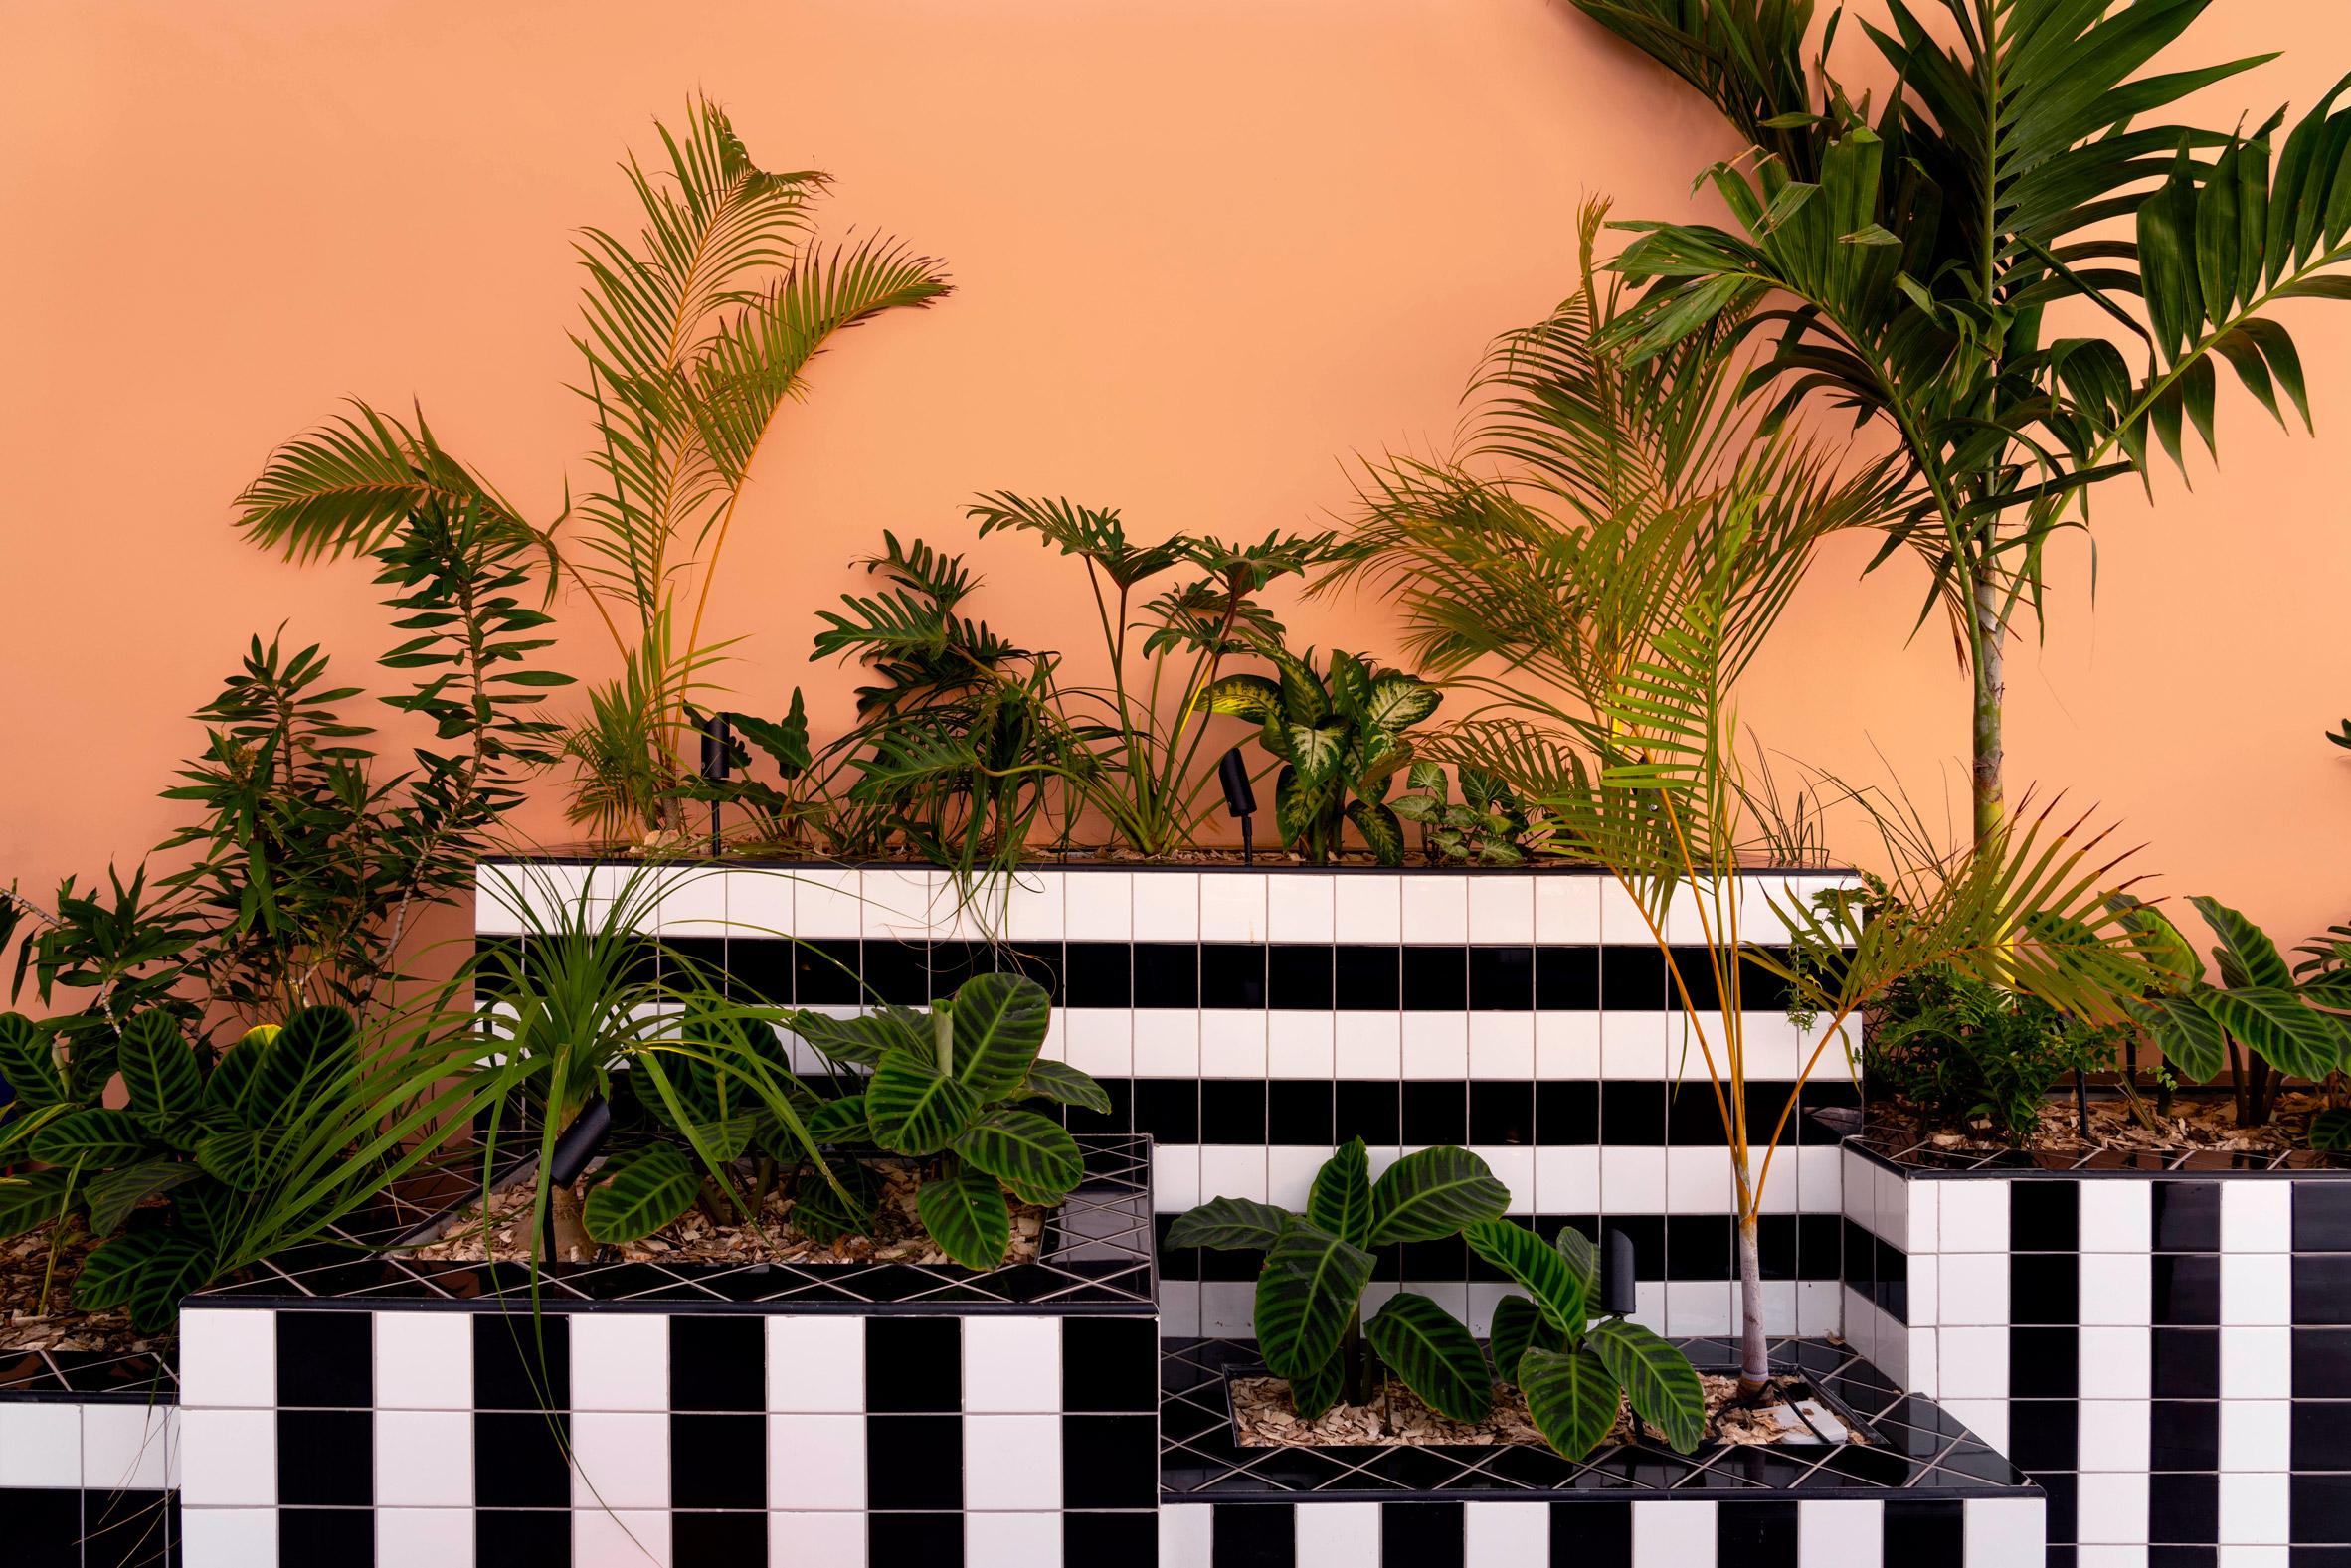 Le geometrie audaci di Camille Walala a Mauritius | Collater.al